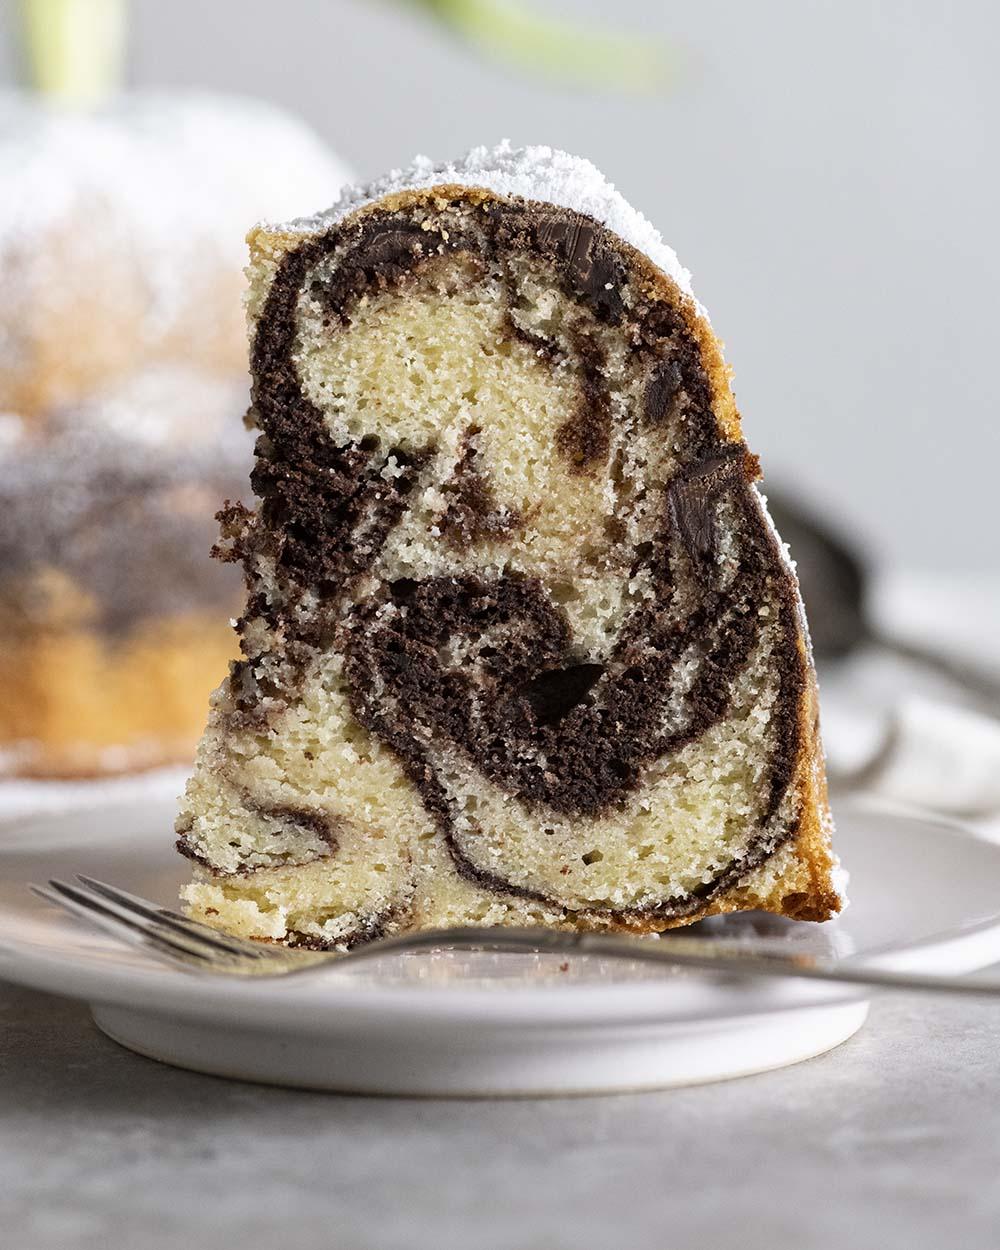 Nahaufnahme eines Stücks Marmorkuchen. Zu sehen ist die schöne Marmorierung.